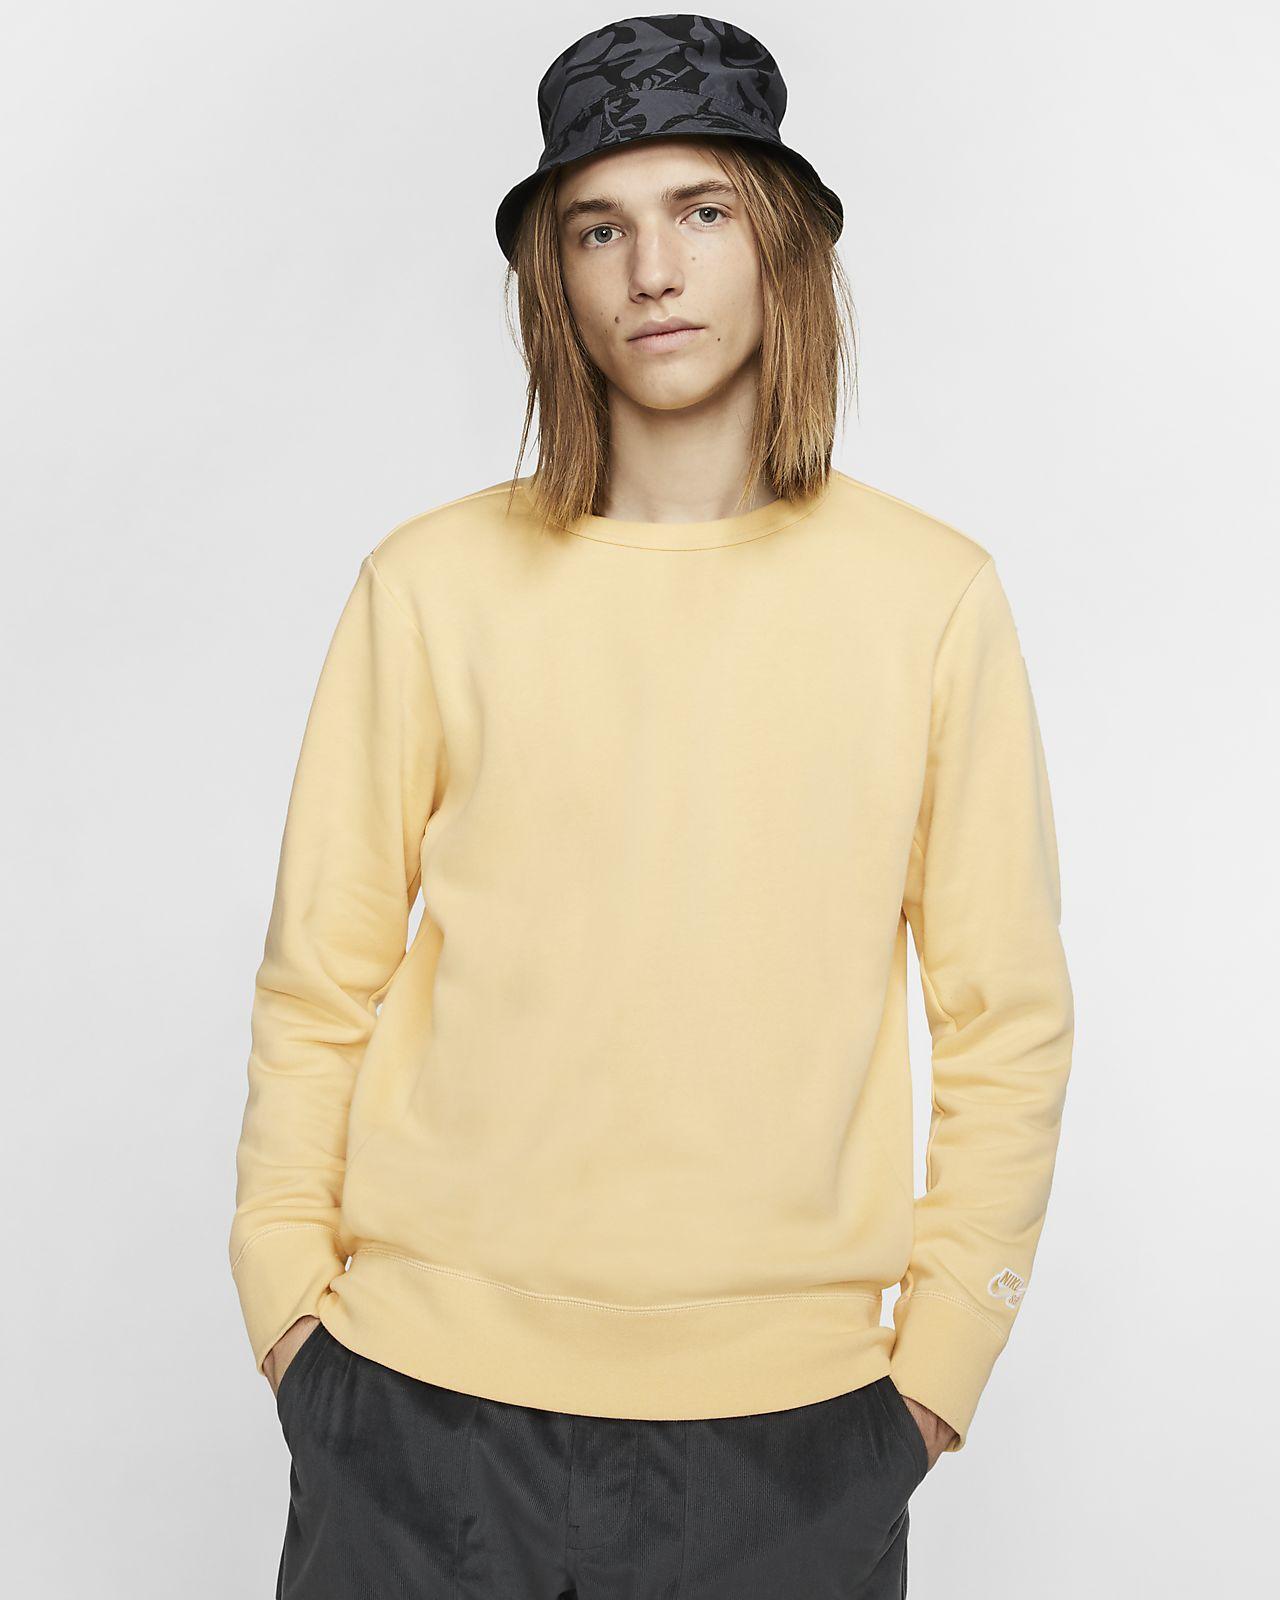 tanio na sprzedaż Nowa lista wyprzedaż w sprzedaży Męska dzianinowa koszulka do skateboardingu Nike SB Icon